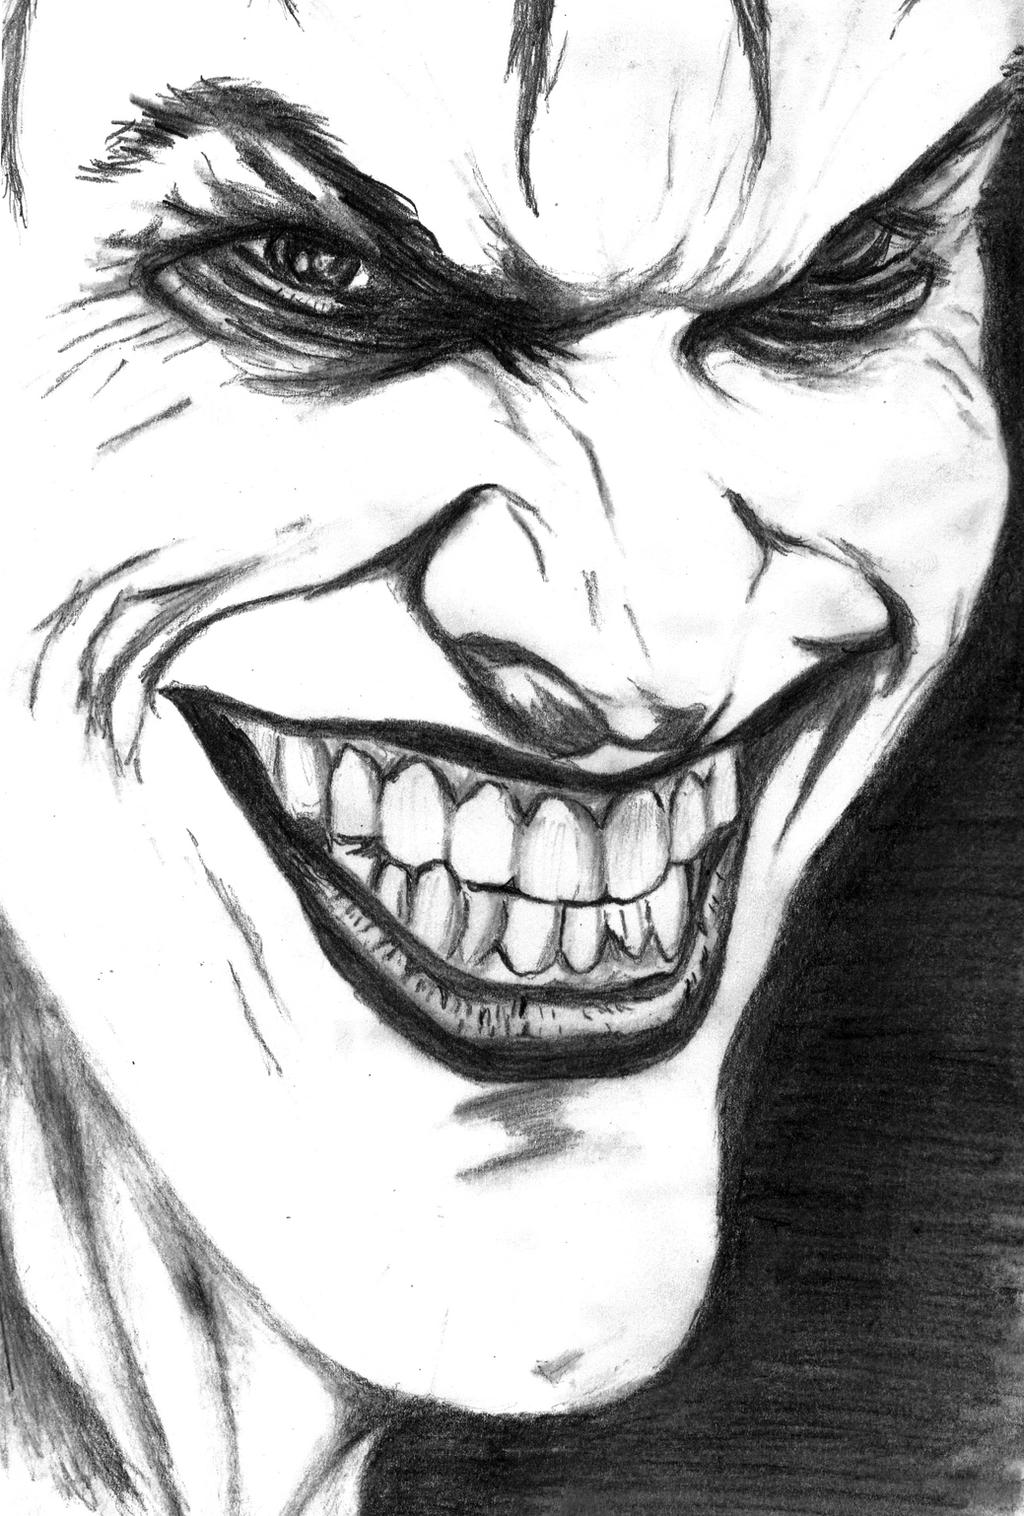 Joker Scribble Drawing : The joker drawing by jopno on deviantart